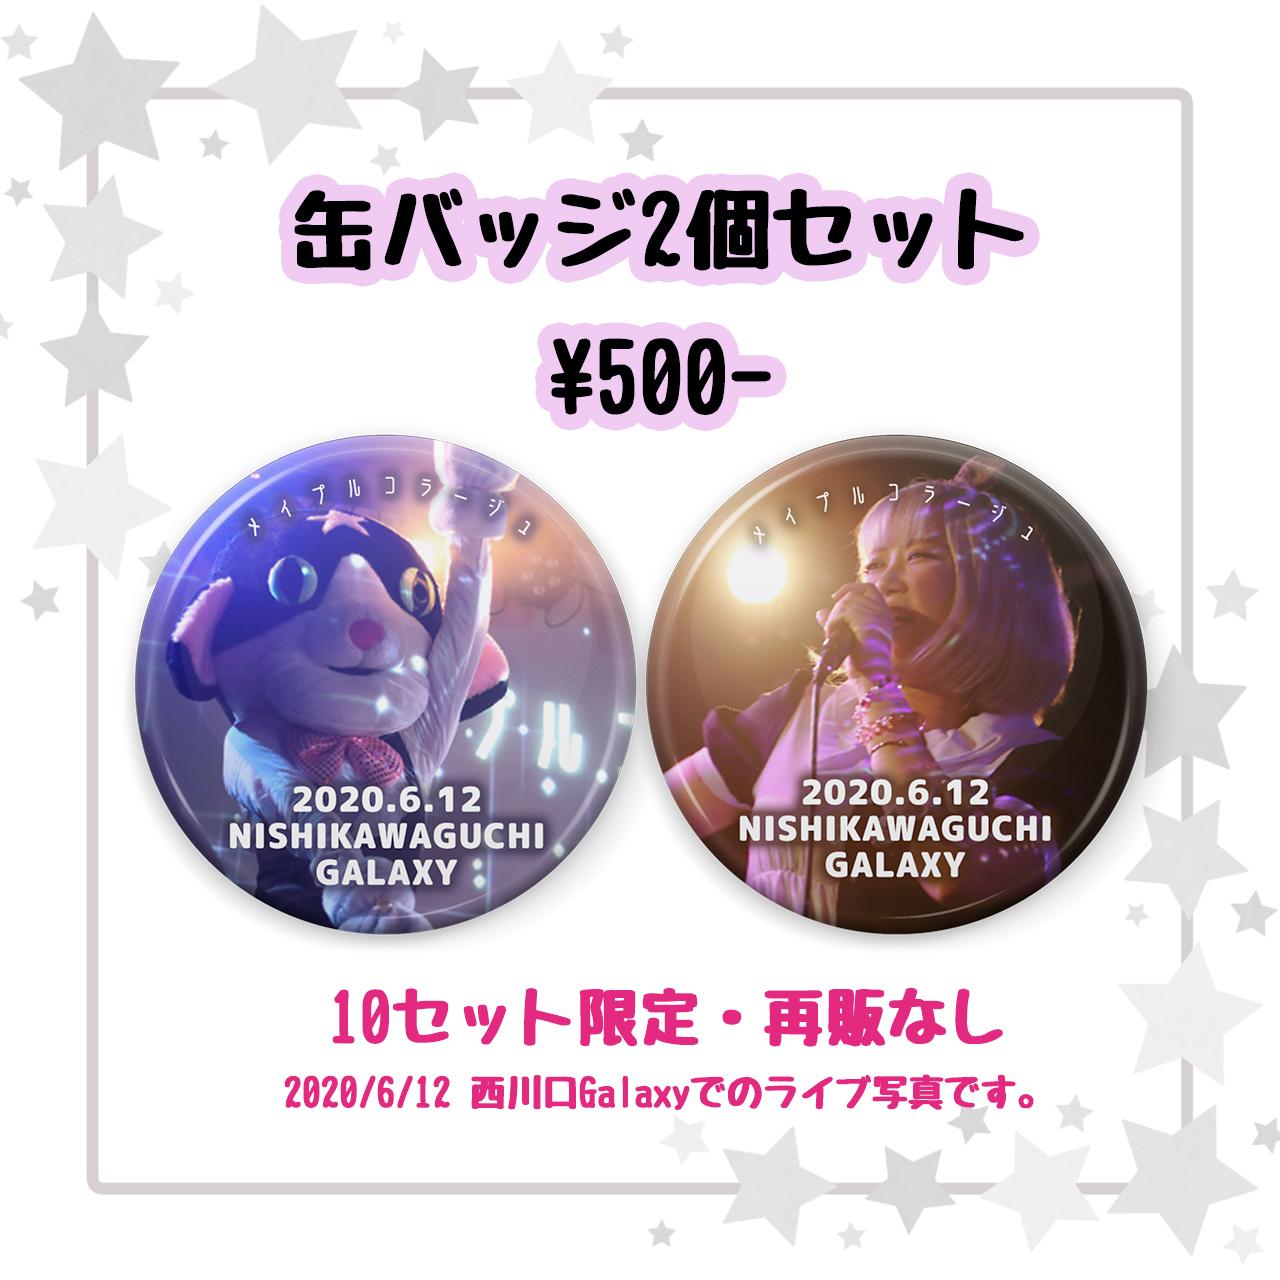 2020/6/12 西川口Galaxy 記念缶バッヂ2個セット